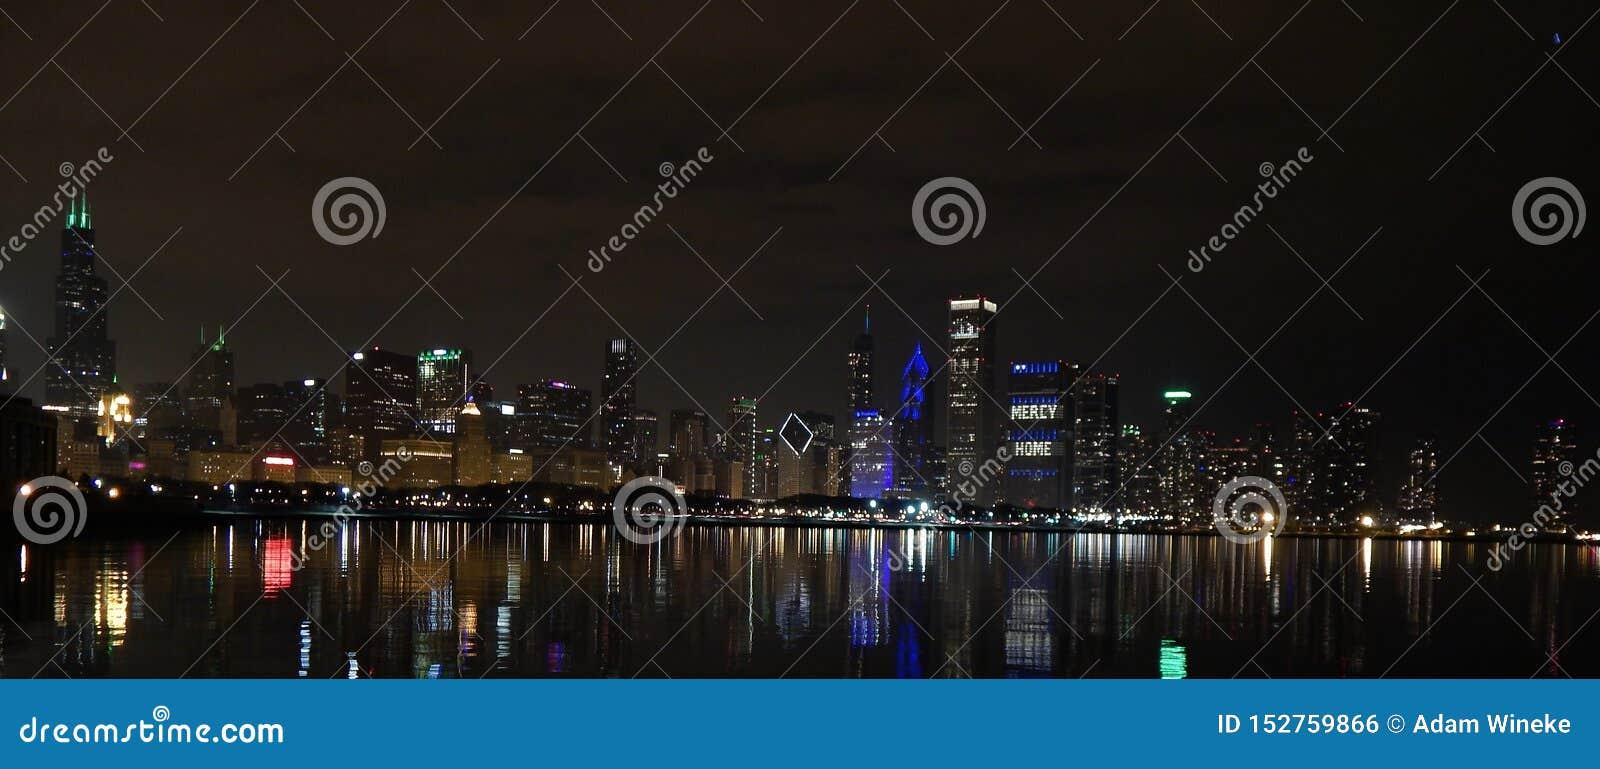 La noche baja sobre la ciudad